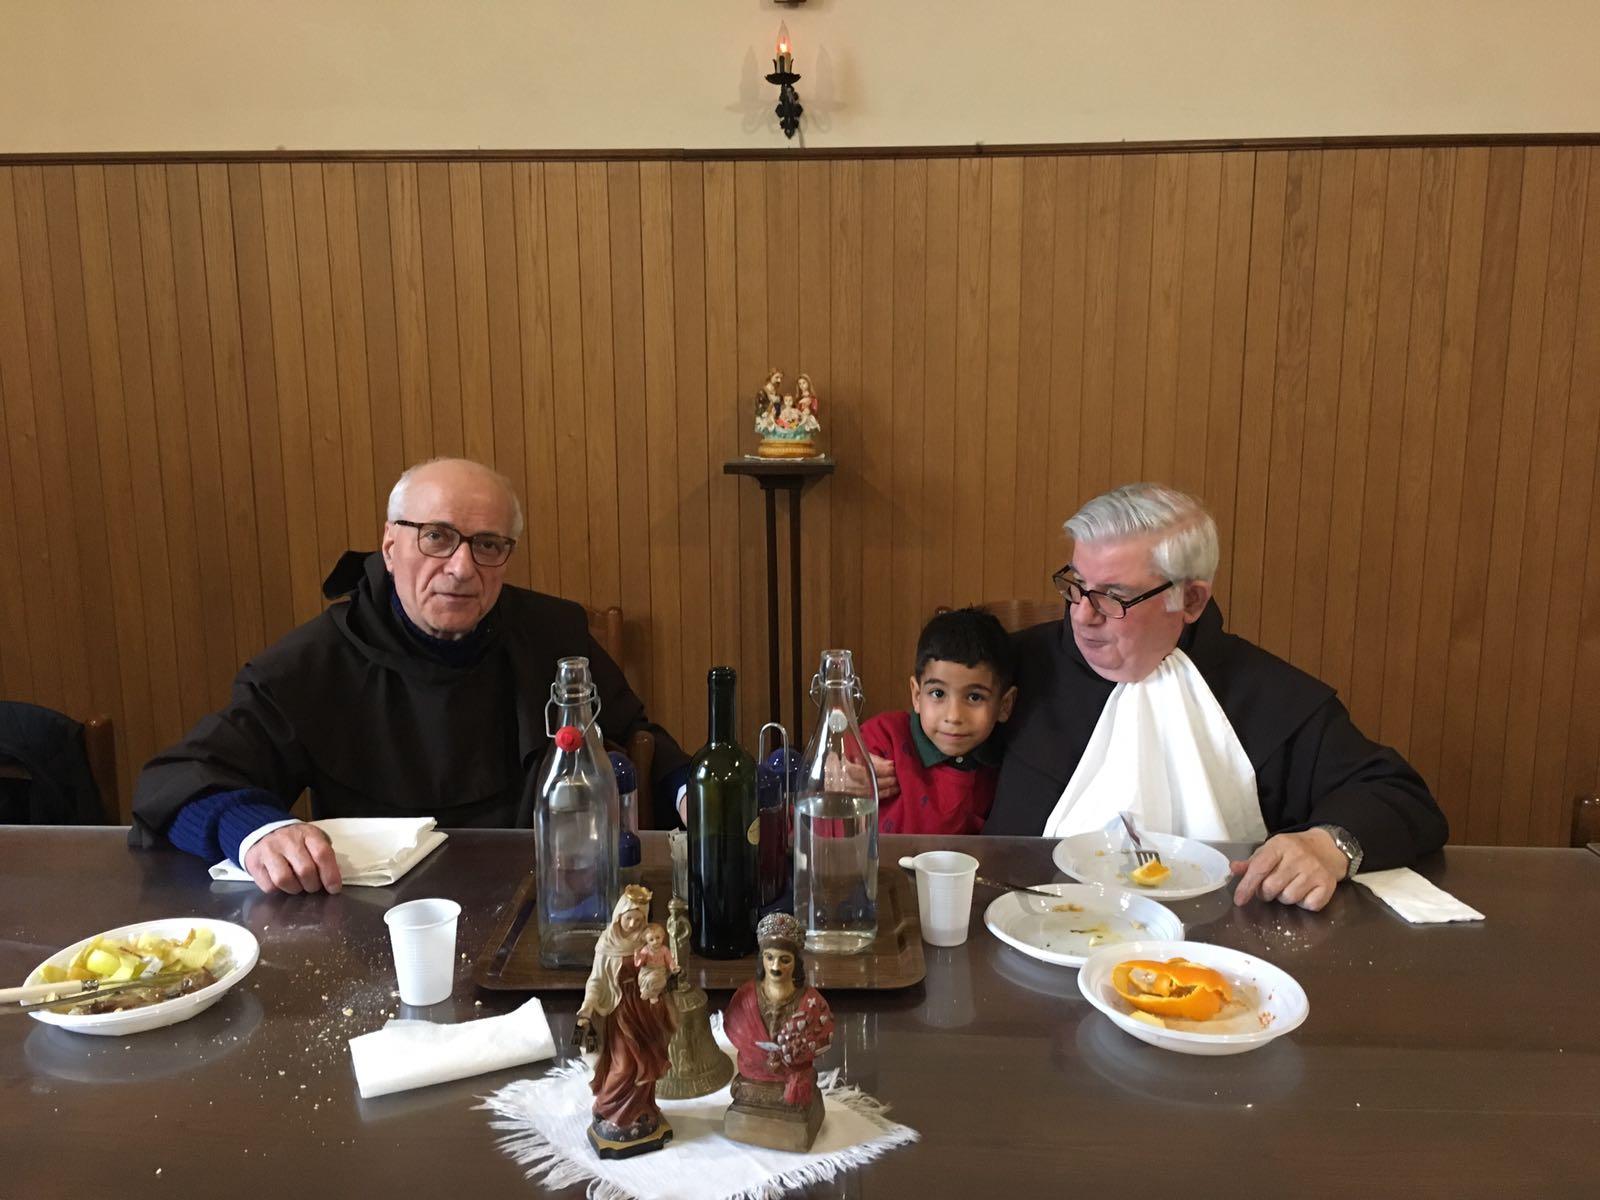 Incontrarsi per il pranzo incontri